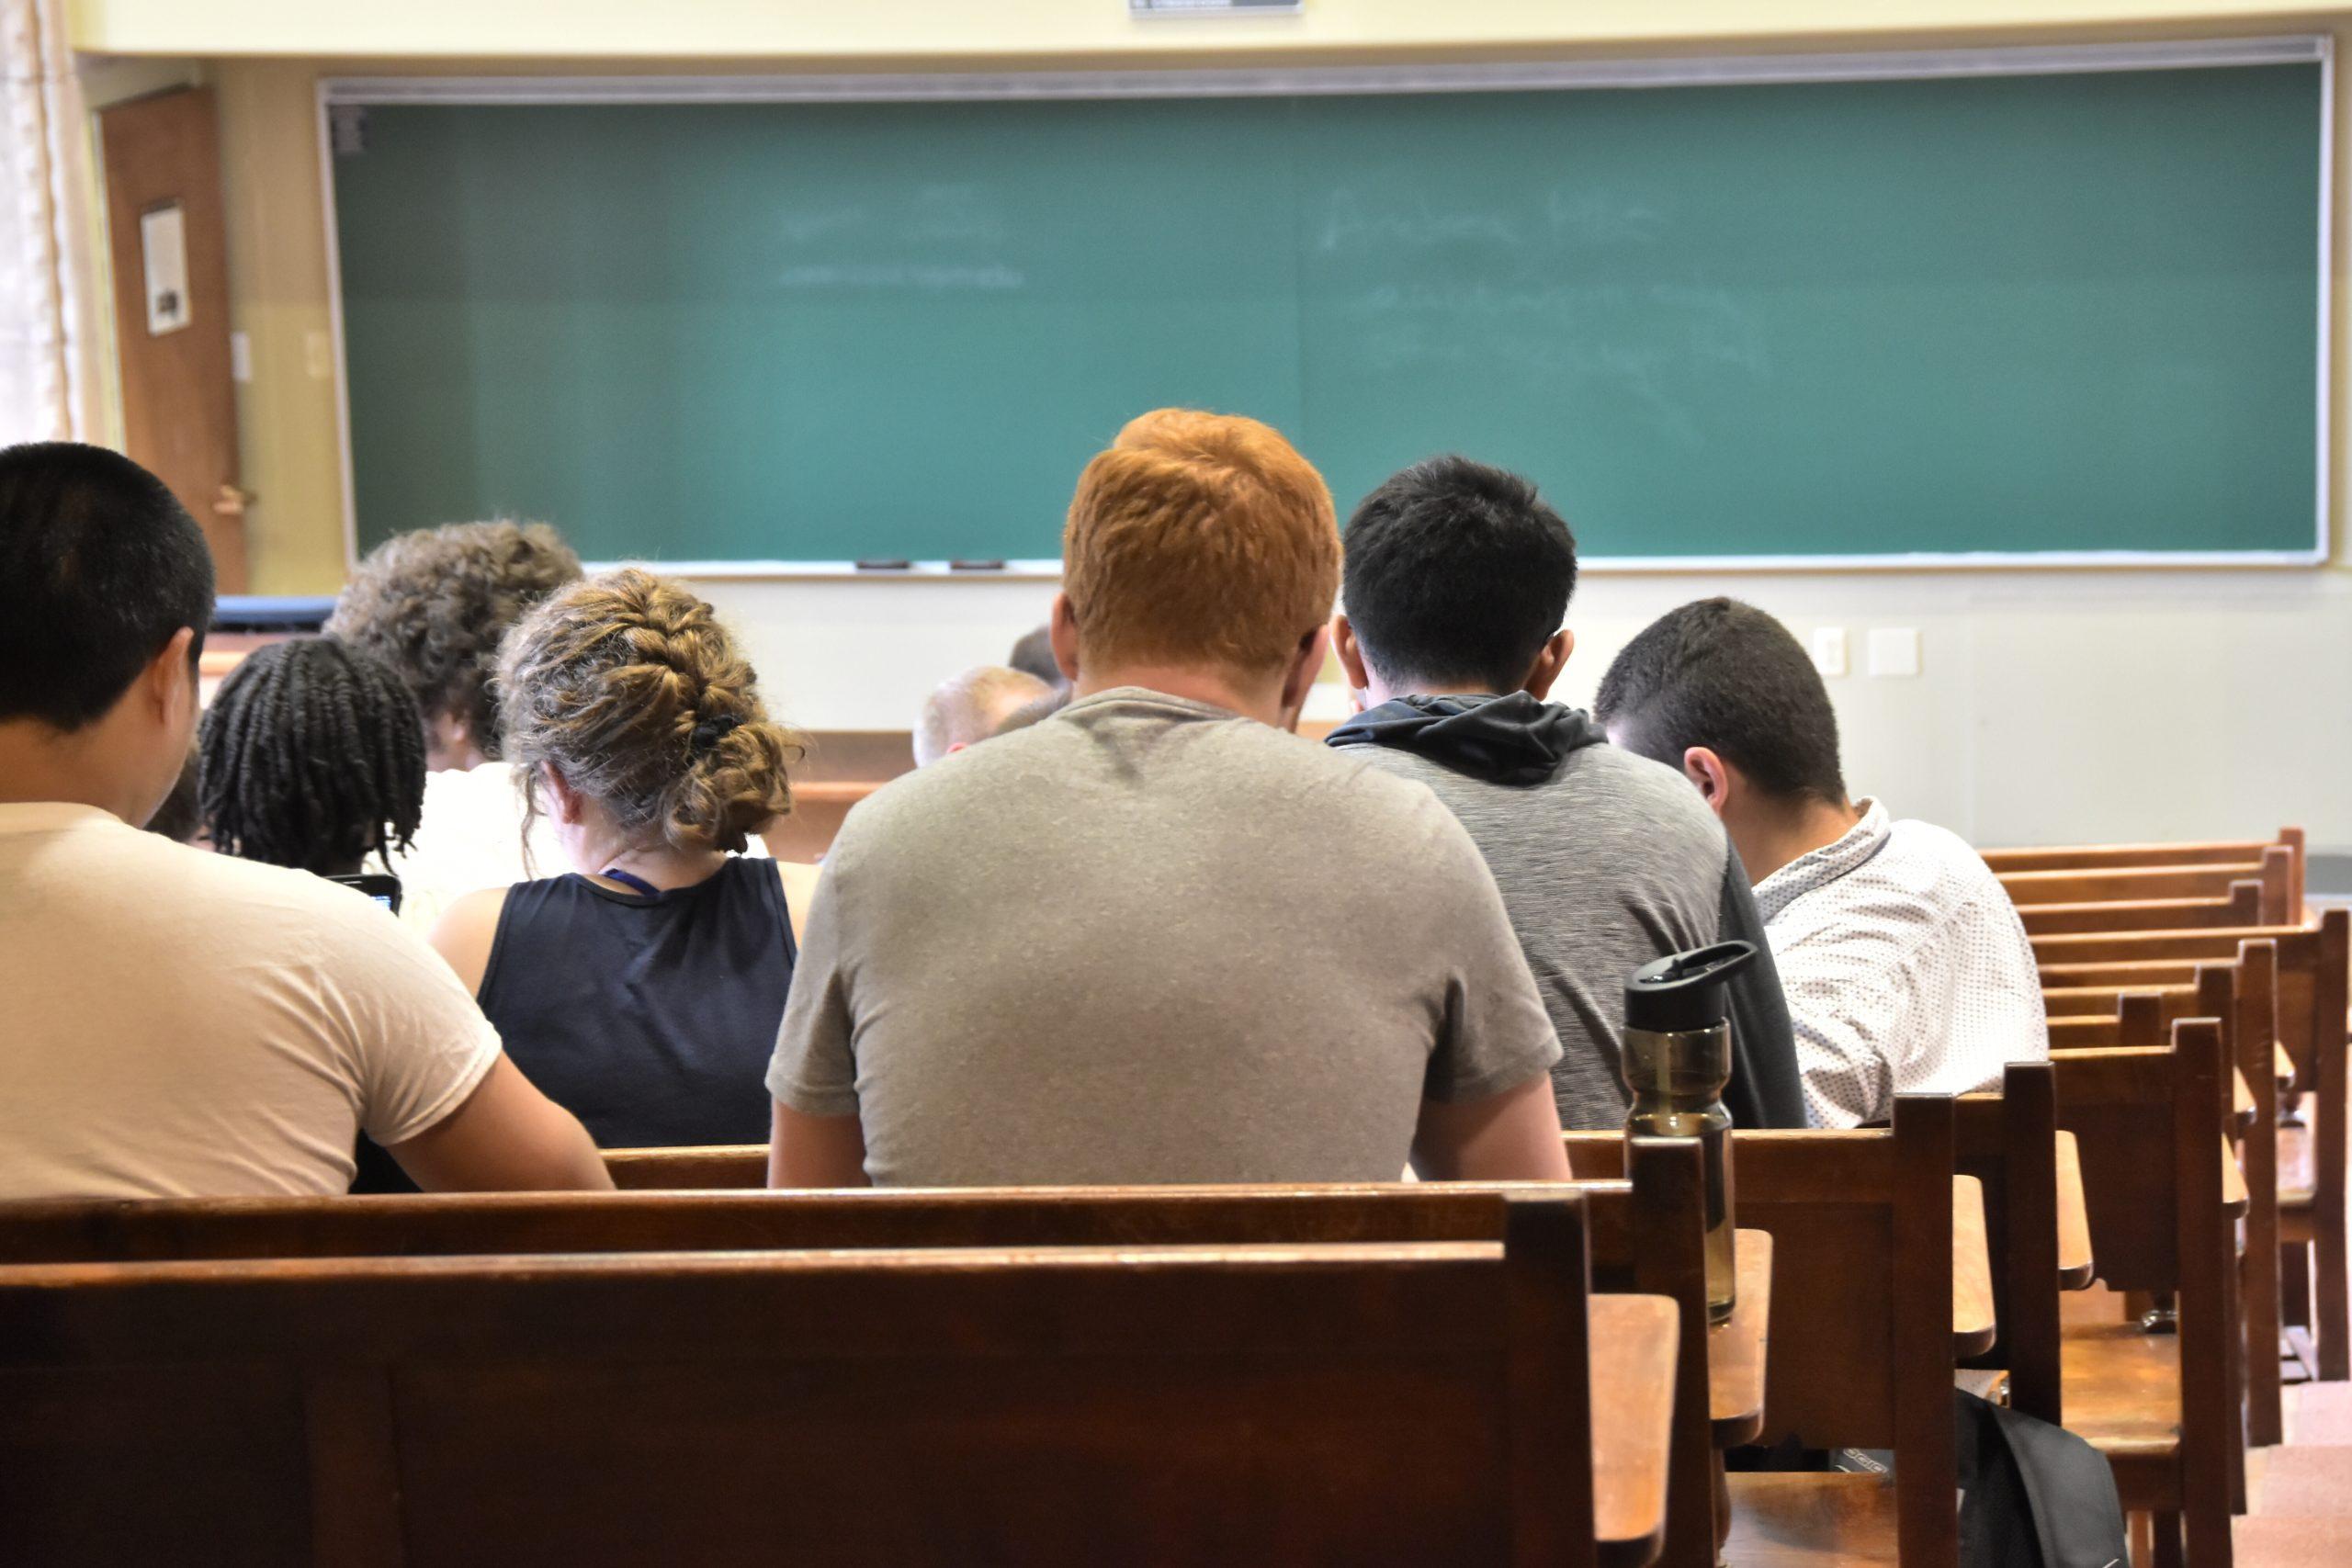 Ein Ausbildungskredit kann bei der beruflichen Qualifizierung helfen.